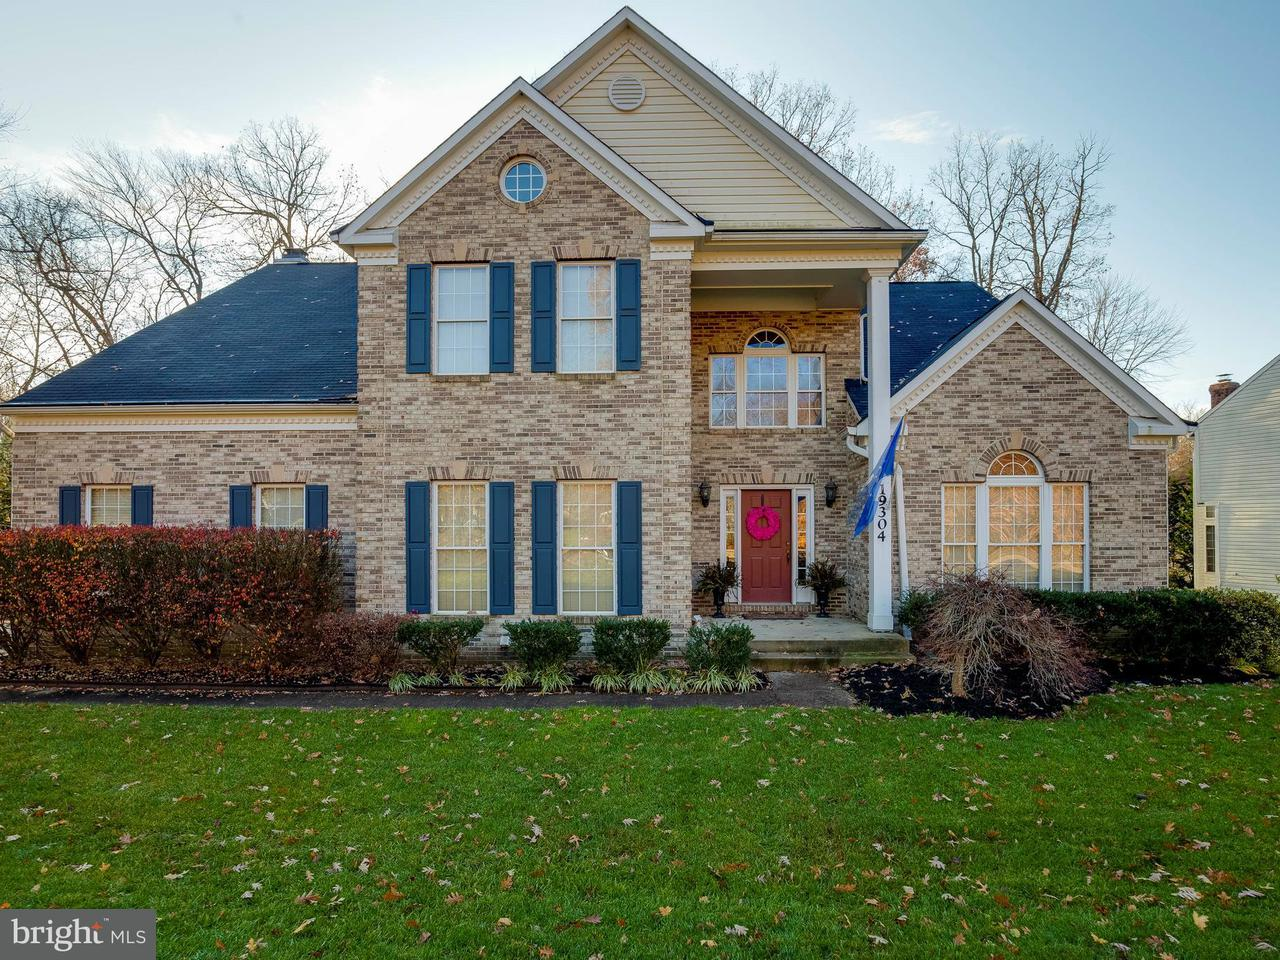 단독 가정 주택 용 매매 에 19304 Cissel Manor Drive 19304 Cissel Manor Drive Poolesville, 메릴랜드 20837 미국